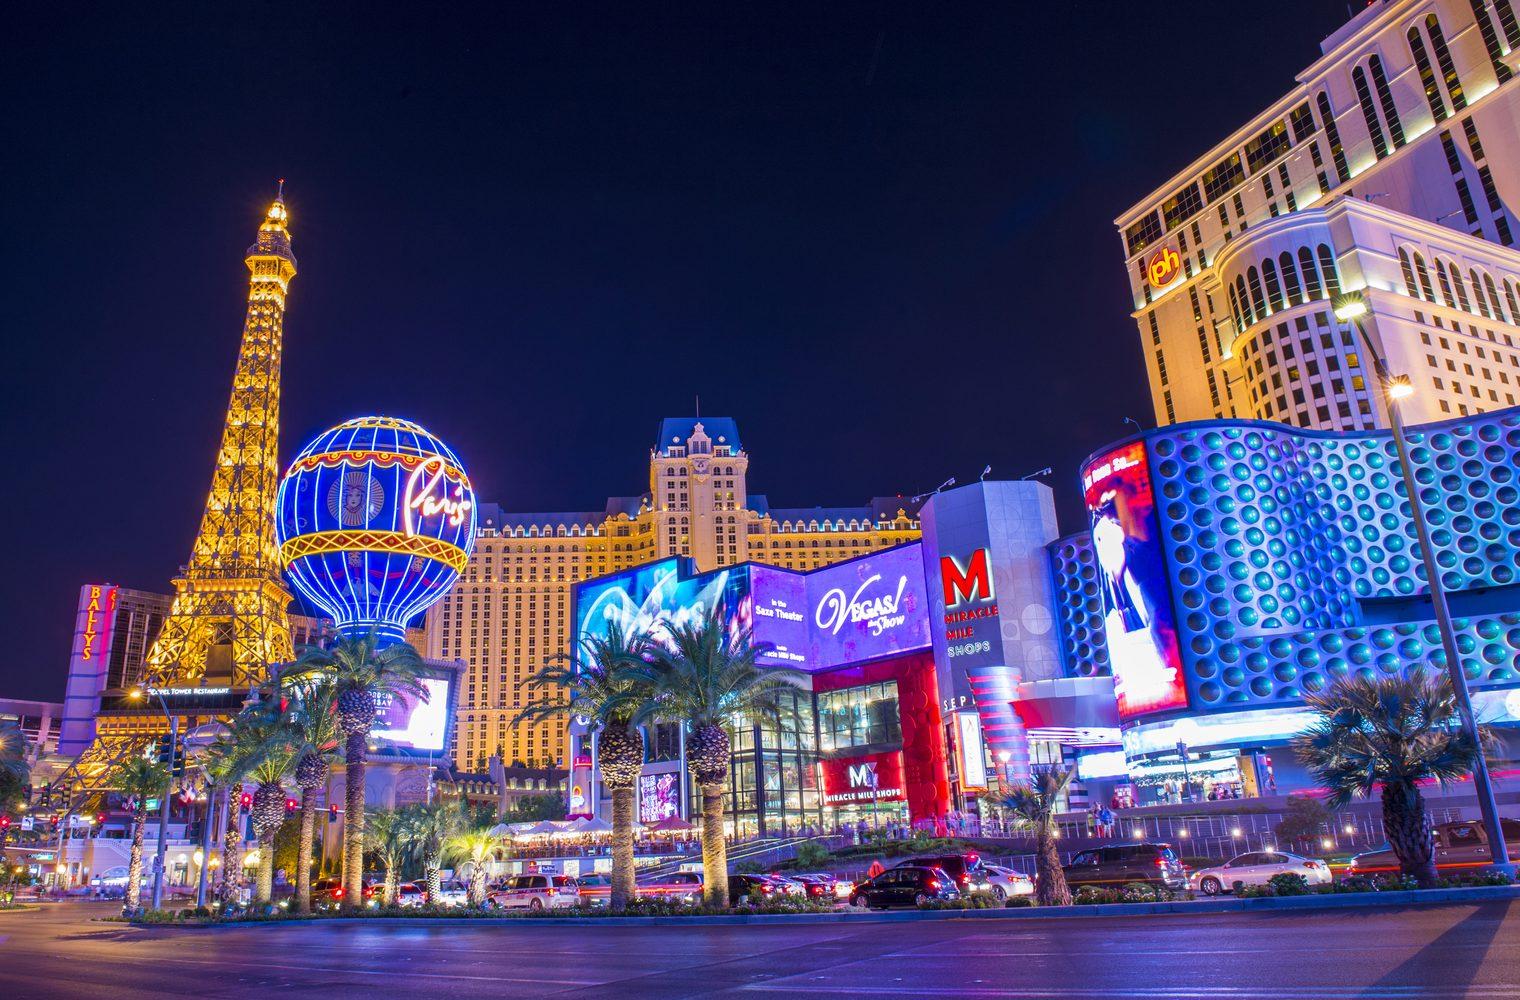 Presunto estafador de Las Vegas acusado por $ 11 millones en opciones binarias criptográficas Ponzi